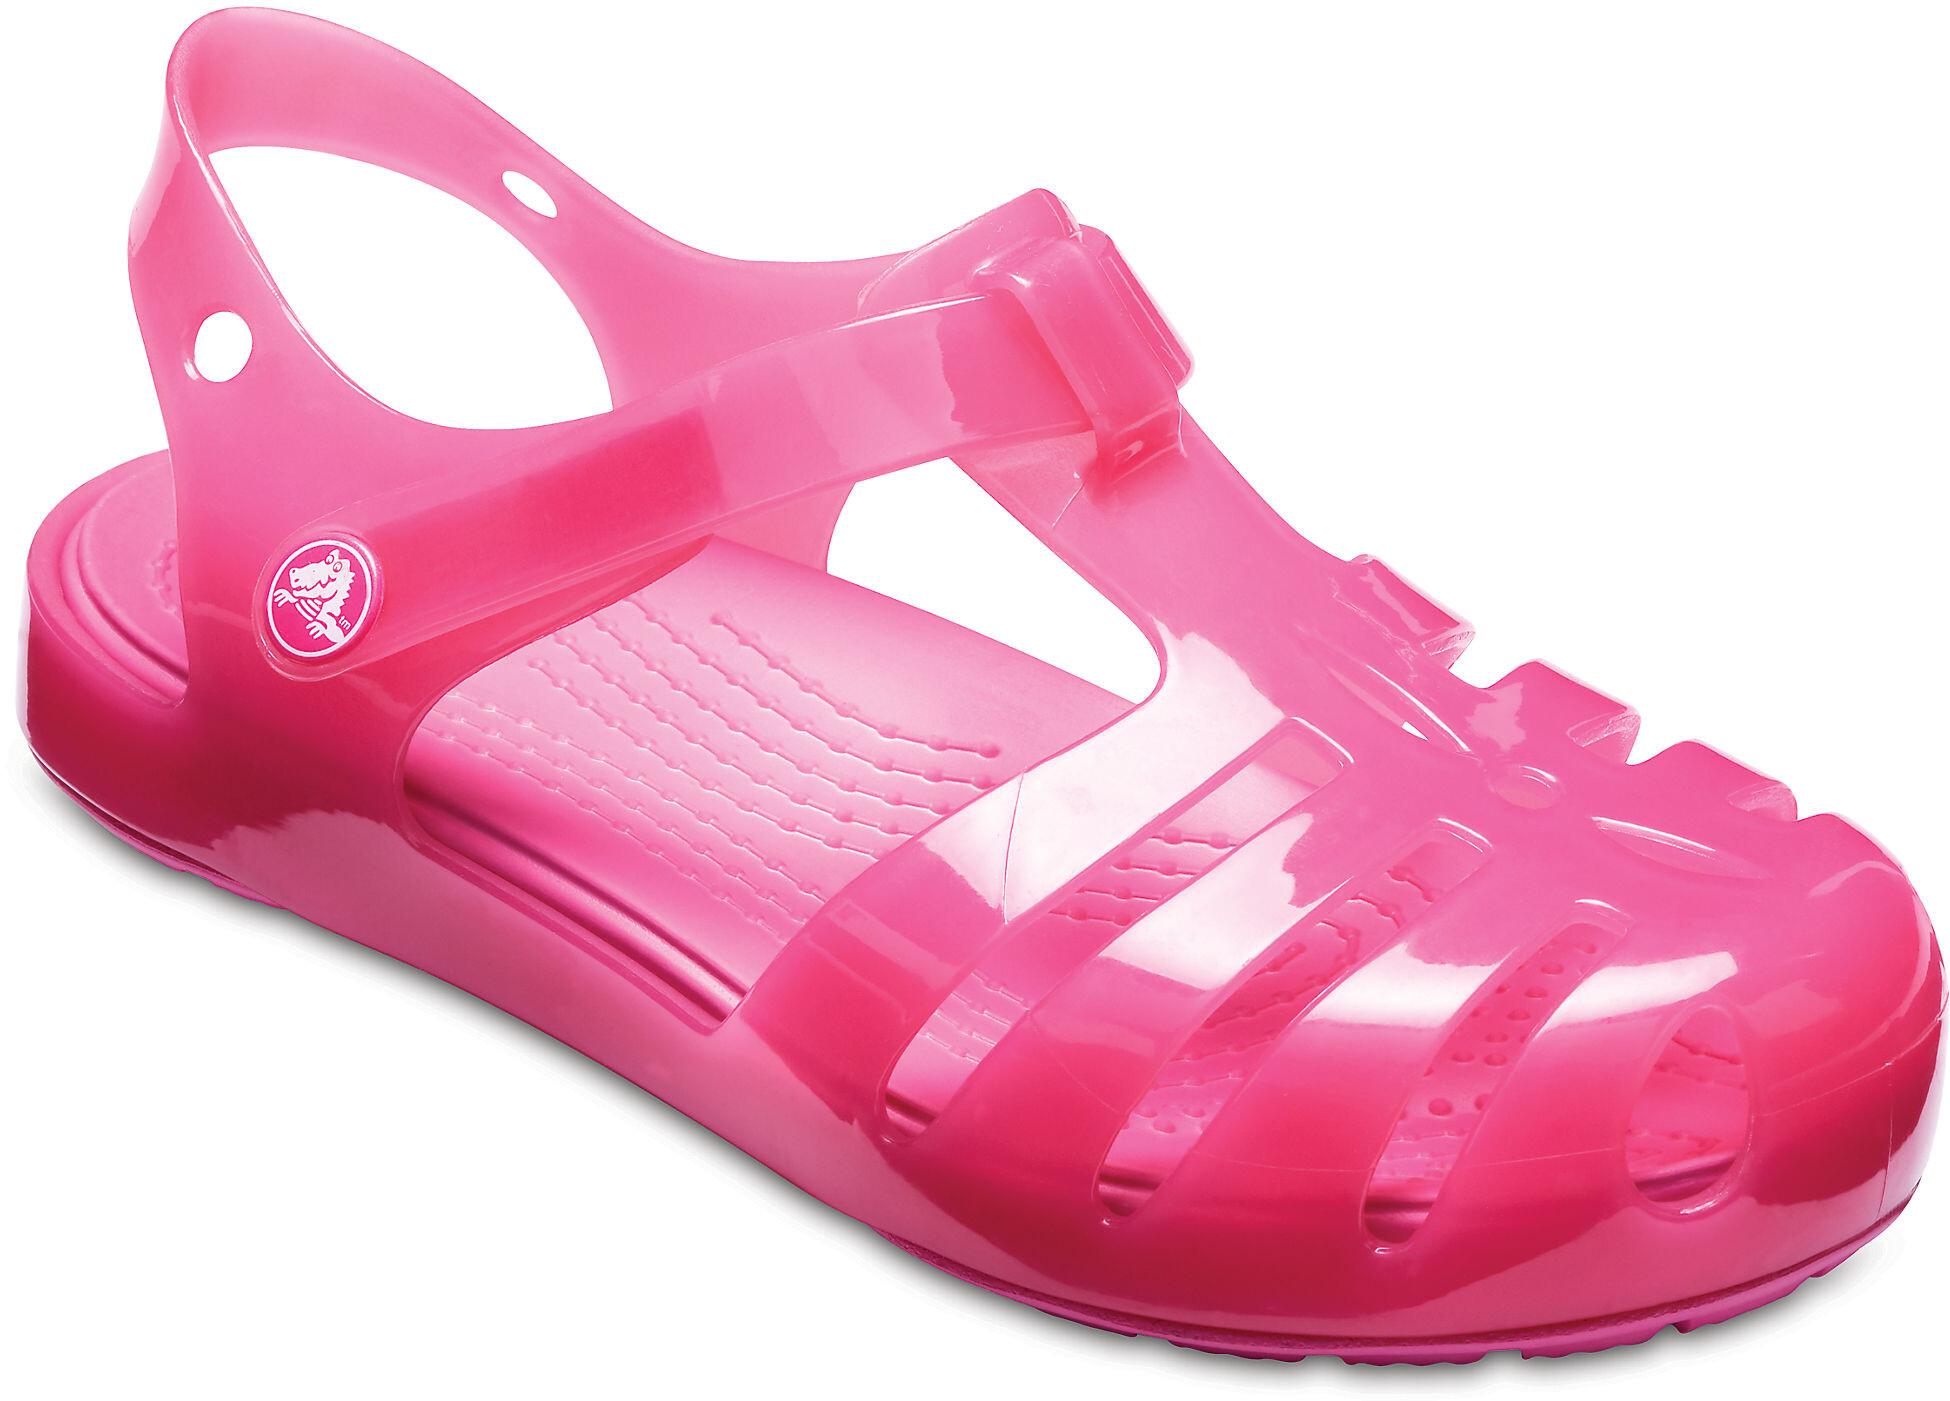 68233515feae Crocs Isabella PS Sandaler Børn pink